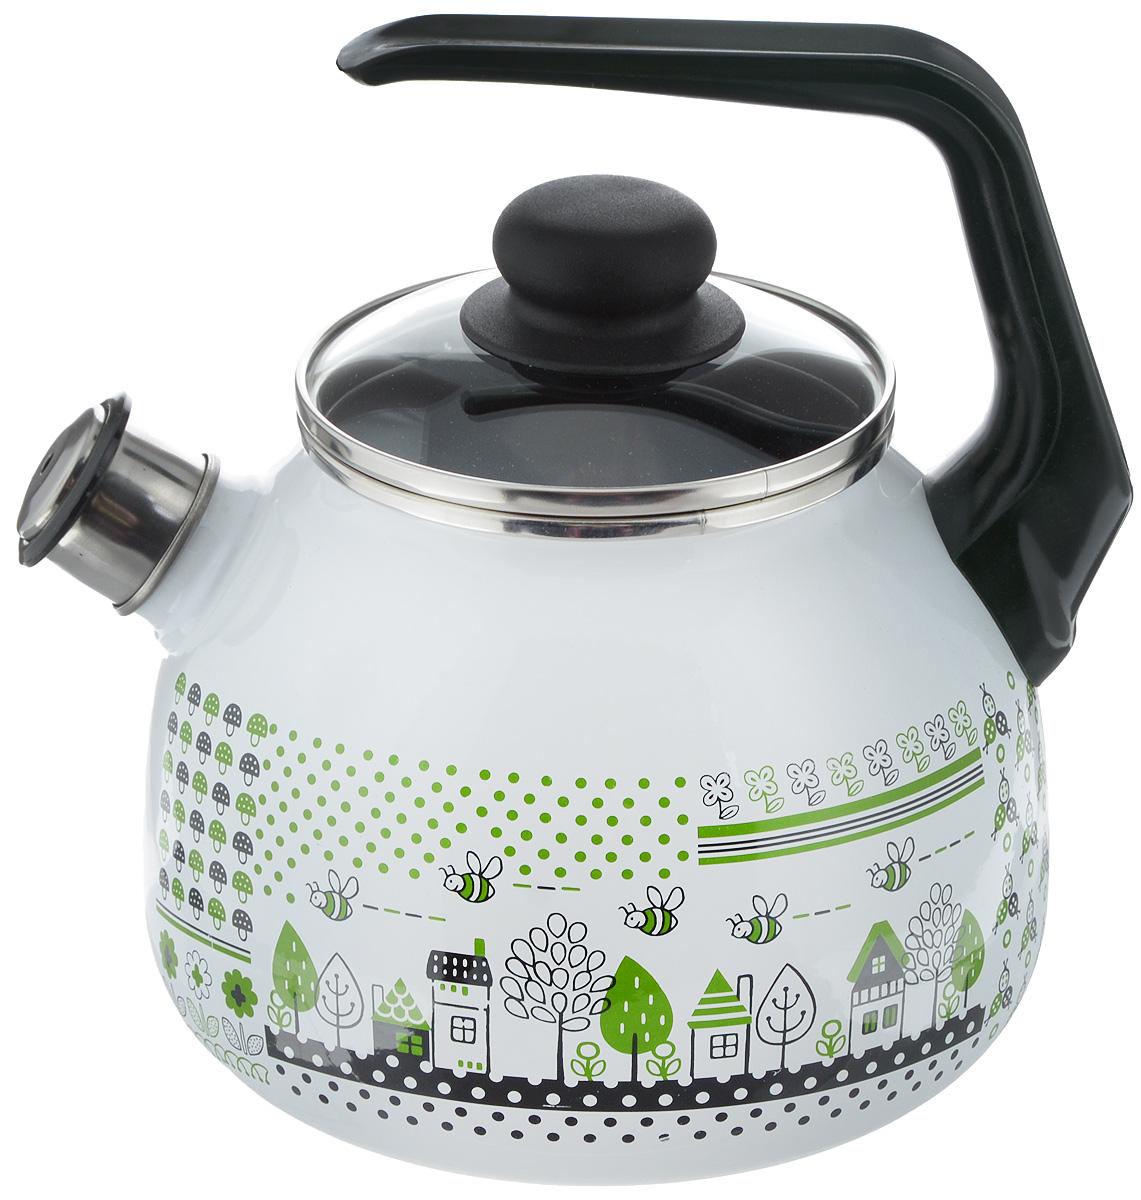 Чайник эмалированный Vitross Green Life, со свистком, 3 л1RC12Чайник эмалированный Vitross Green Life изготовлен из высококачественной стали со стеклокерамическим эмалевым покрытием. Стеклокерамика инертна и устойчива к пищевым кислотам, не вступает во взаимодействие с продуктами и не искажает их вкусовые качества. Такое покрытие защищает сталь от коррозии и придает посуде гладкую стекловидную поверхность. Кроме того, такая посуда наиболее безопасна и экологична. Прочный стальной корпус обеспечивает эффективный нагрев жидкости и не деформируется в процессе эксплуатации. Чайник оснащен фиксированной пластиковой ручкой и жаропрочной стеклянной крышкой. Носик чайника с насадкой-свистком подскажет, когда закипела вода. Посуда подходит для газовых, электрических, стеклокерамических, индукционных плит. Можно мыть в посудомоечной машине. Диаметр (по верхнему краю): 12,5 см. Высота чайника (с учетом ручки): 23,5 см. Высота чайника (без учета ручки и крышки): 15 см.